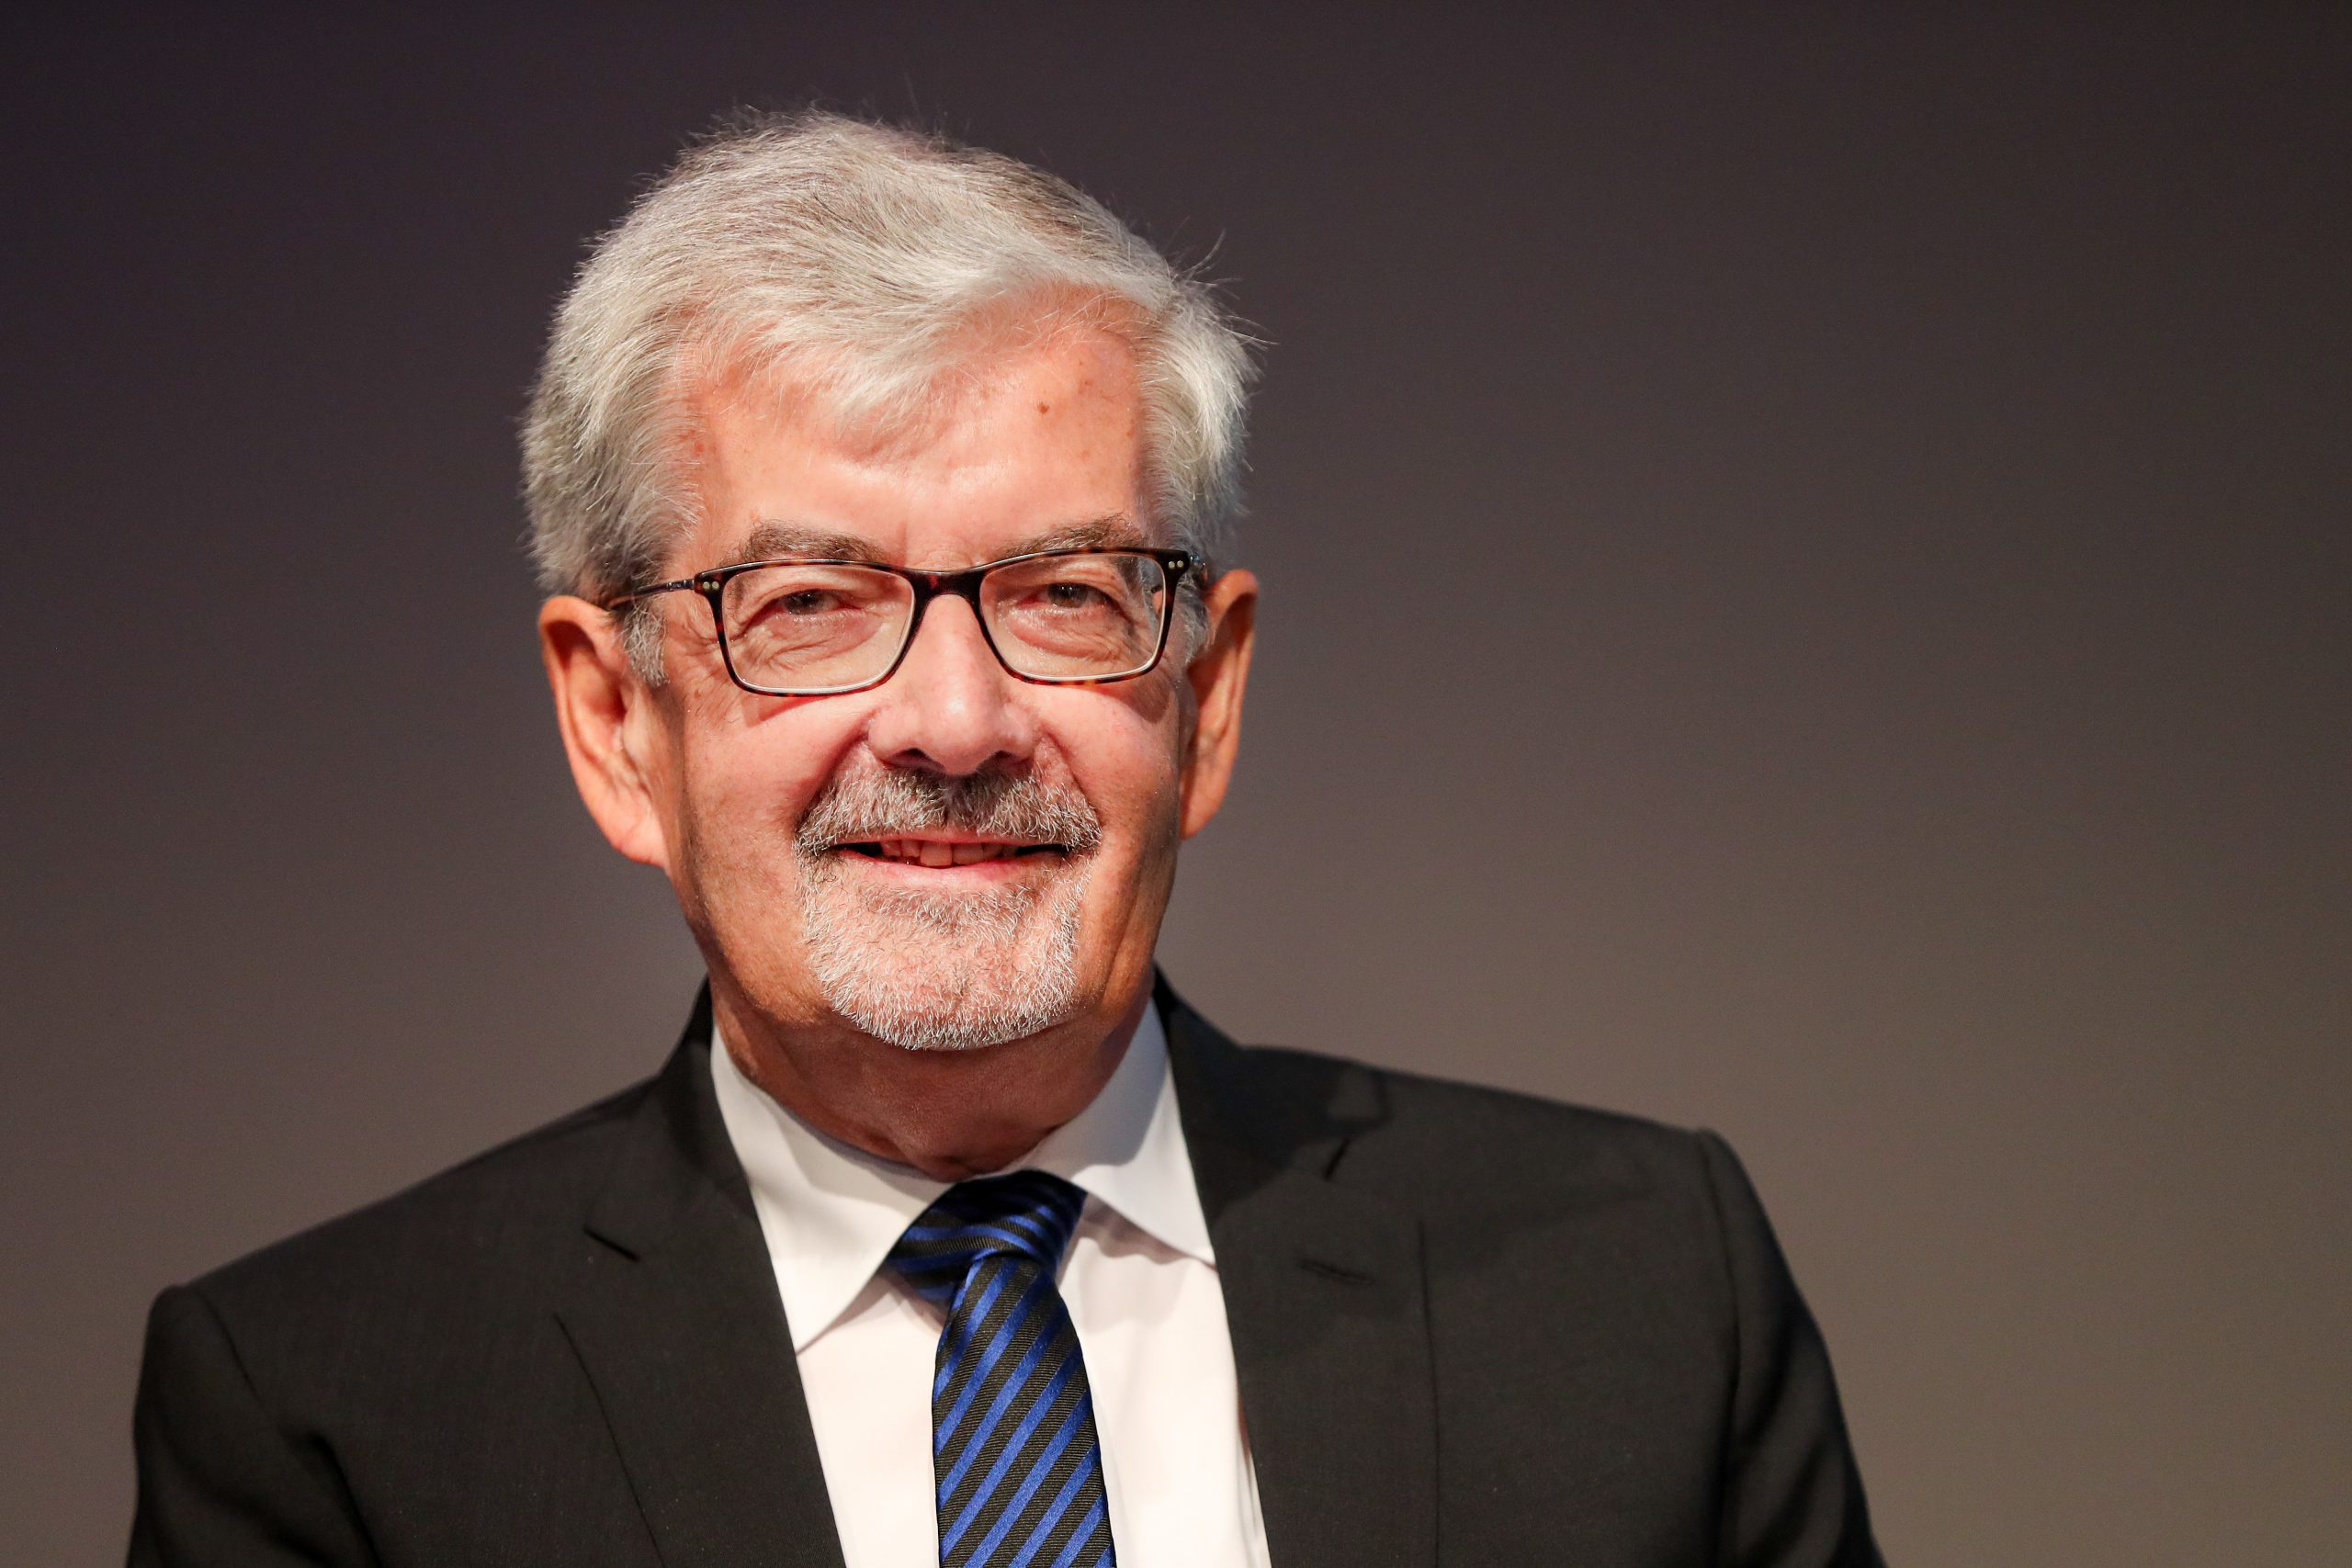 Der Vorsitzende der Kommission zur Ermittlung des Finanzbedarfs der Rundfunktanstalten, Heinz Fischer-Heidlberger Foto: (c) dpa